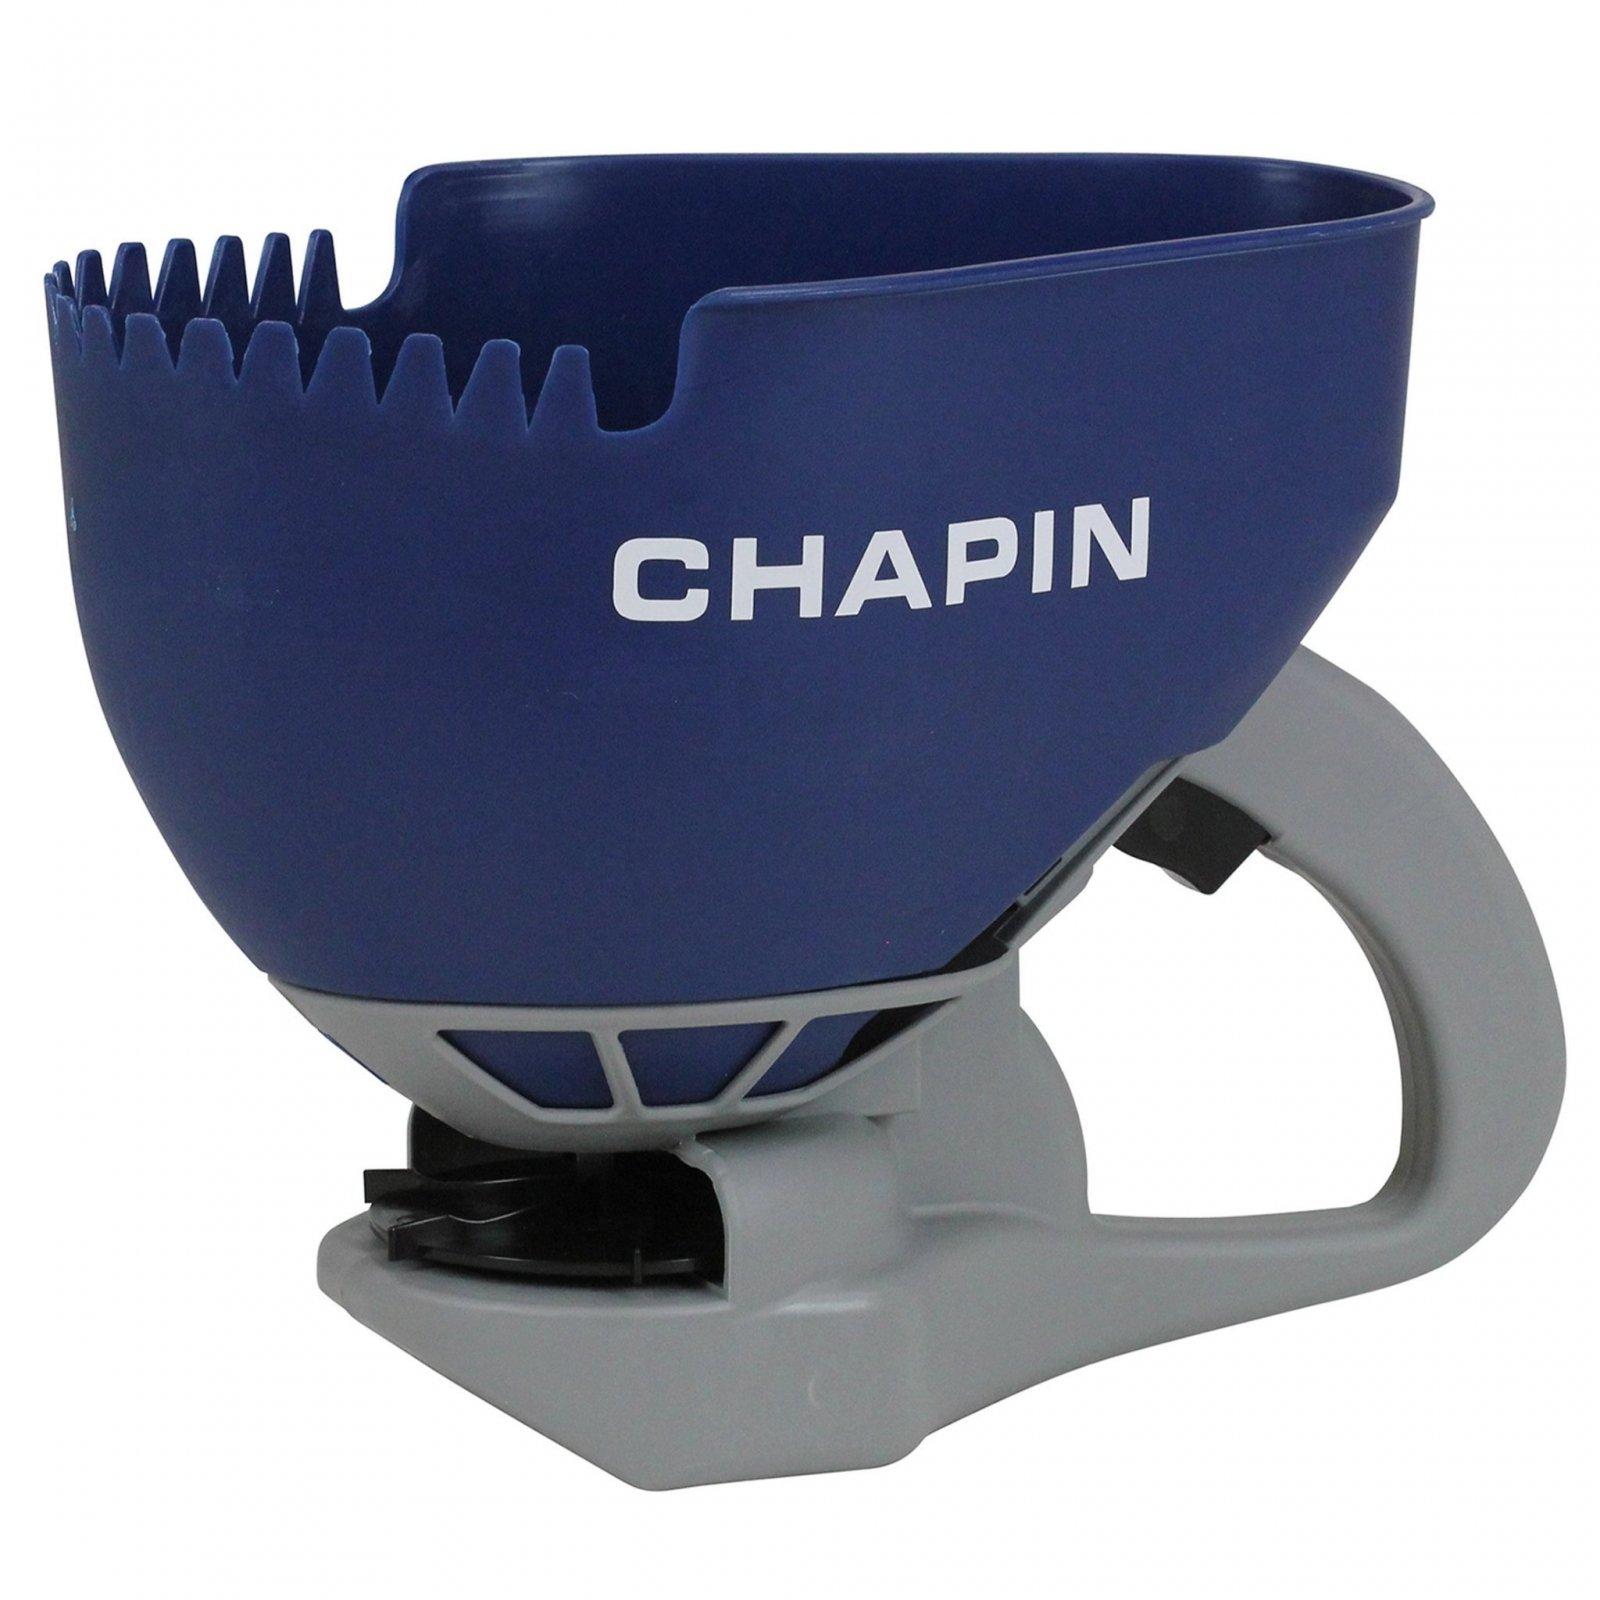 Salt Spreader Chapin Hand Held Spreader with Scoop head